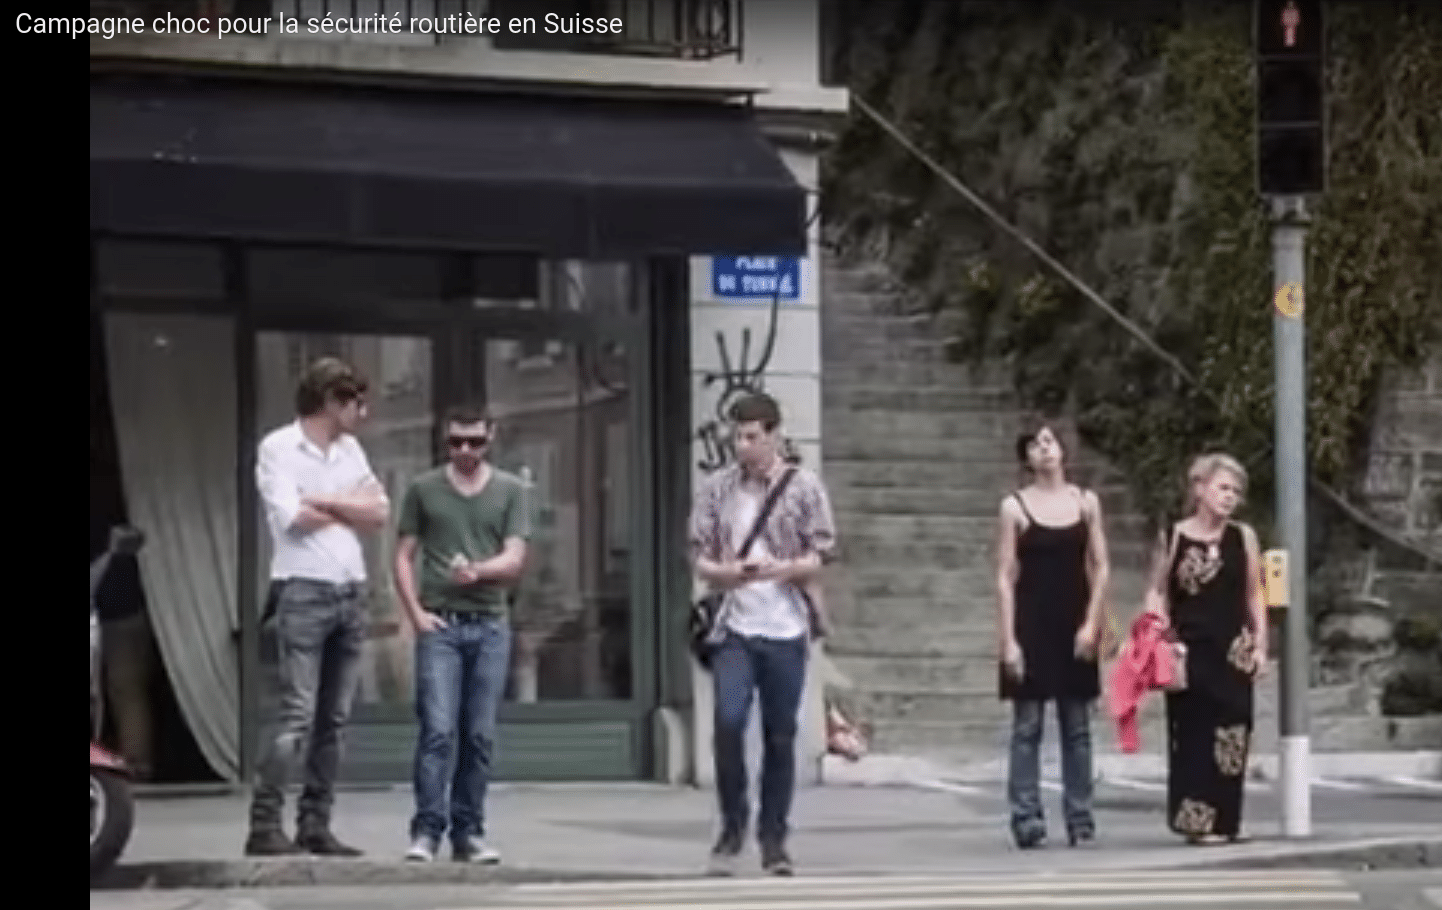 Les spots pertinents de la sécurité routière suisse